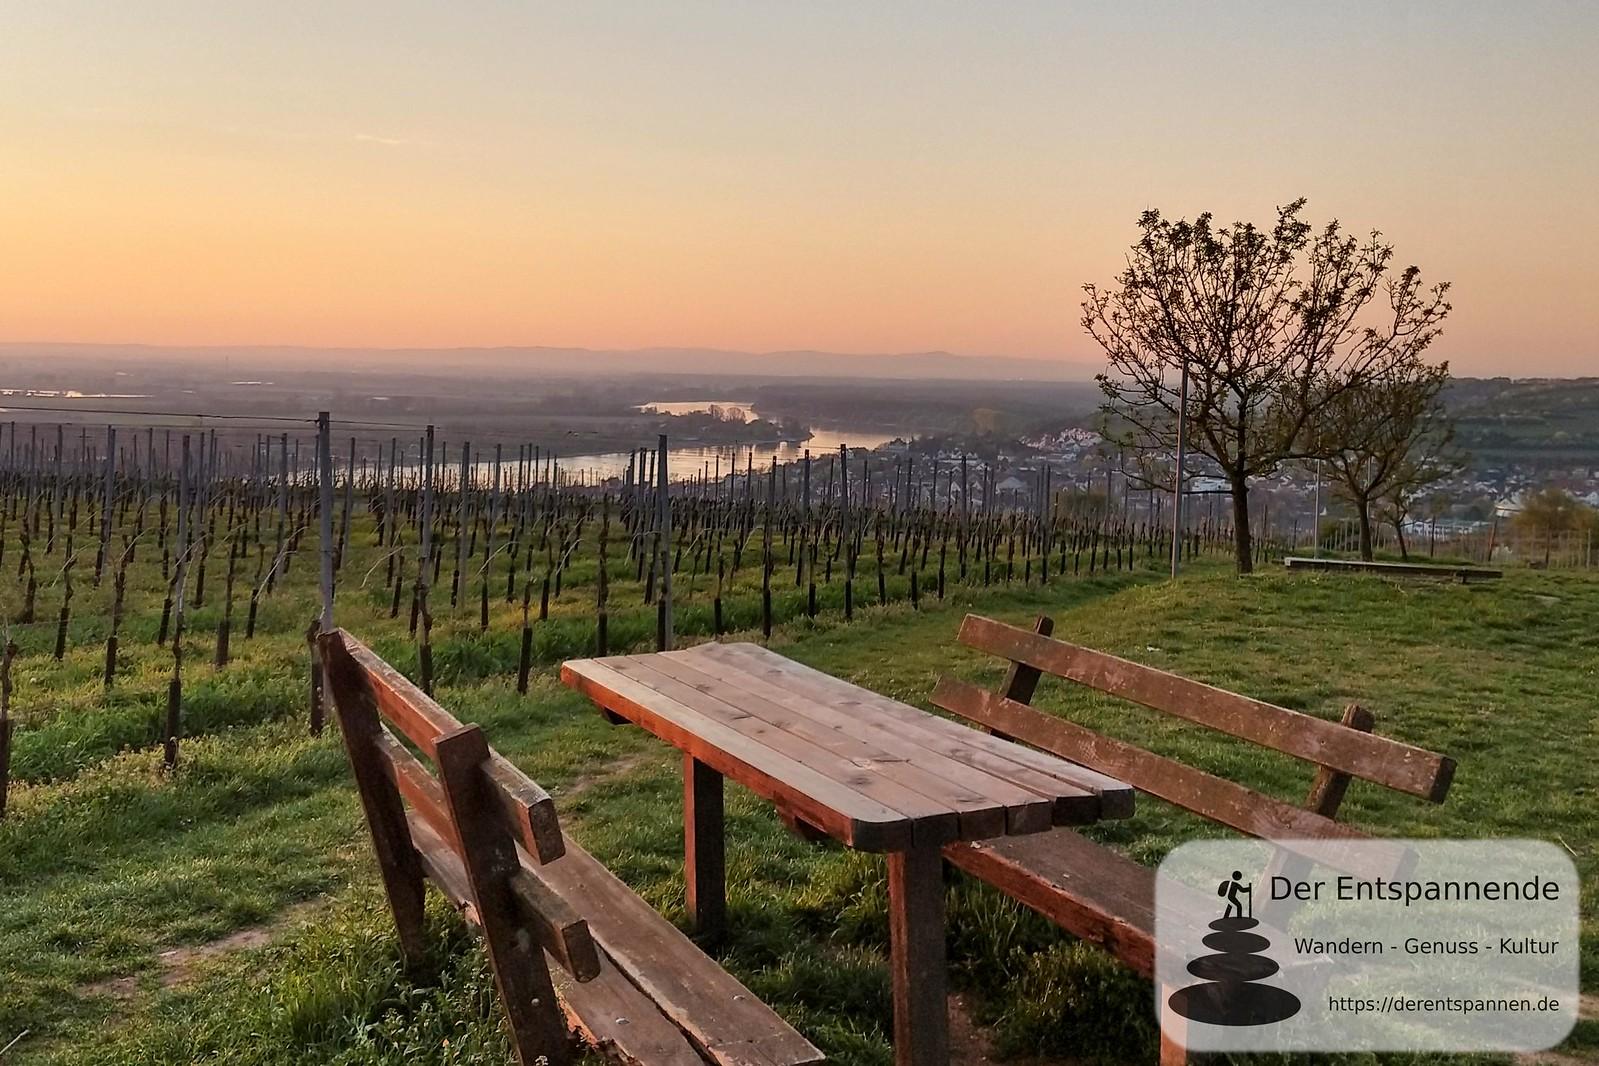 Am Niersteiner Wartturm, Blick auf Rhein und Nierstein